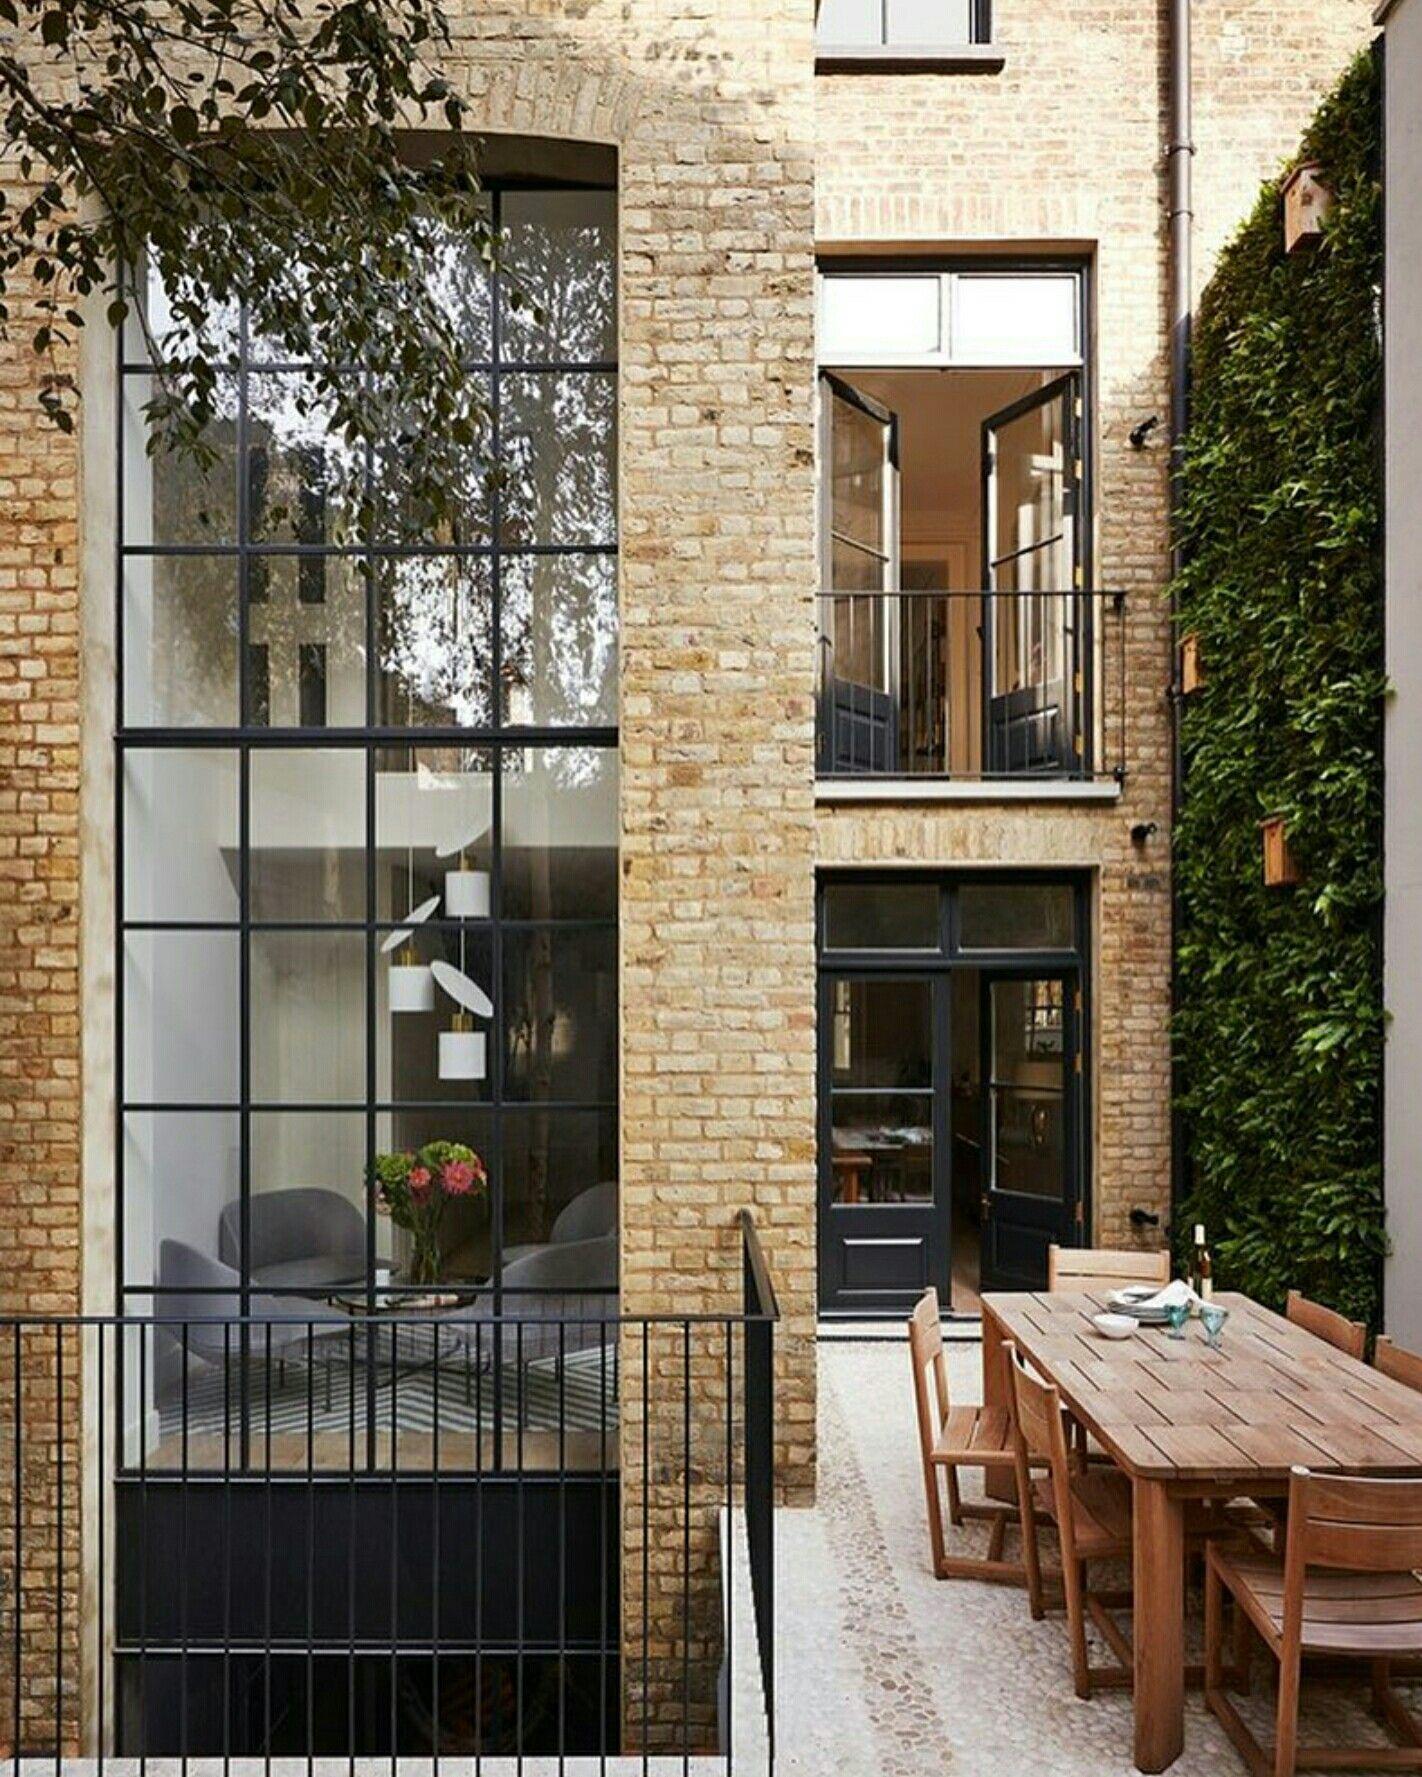 London Apartments Exterior: Cozy Townhouse..architecture